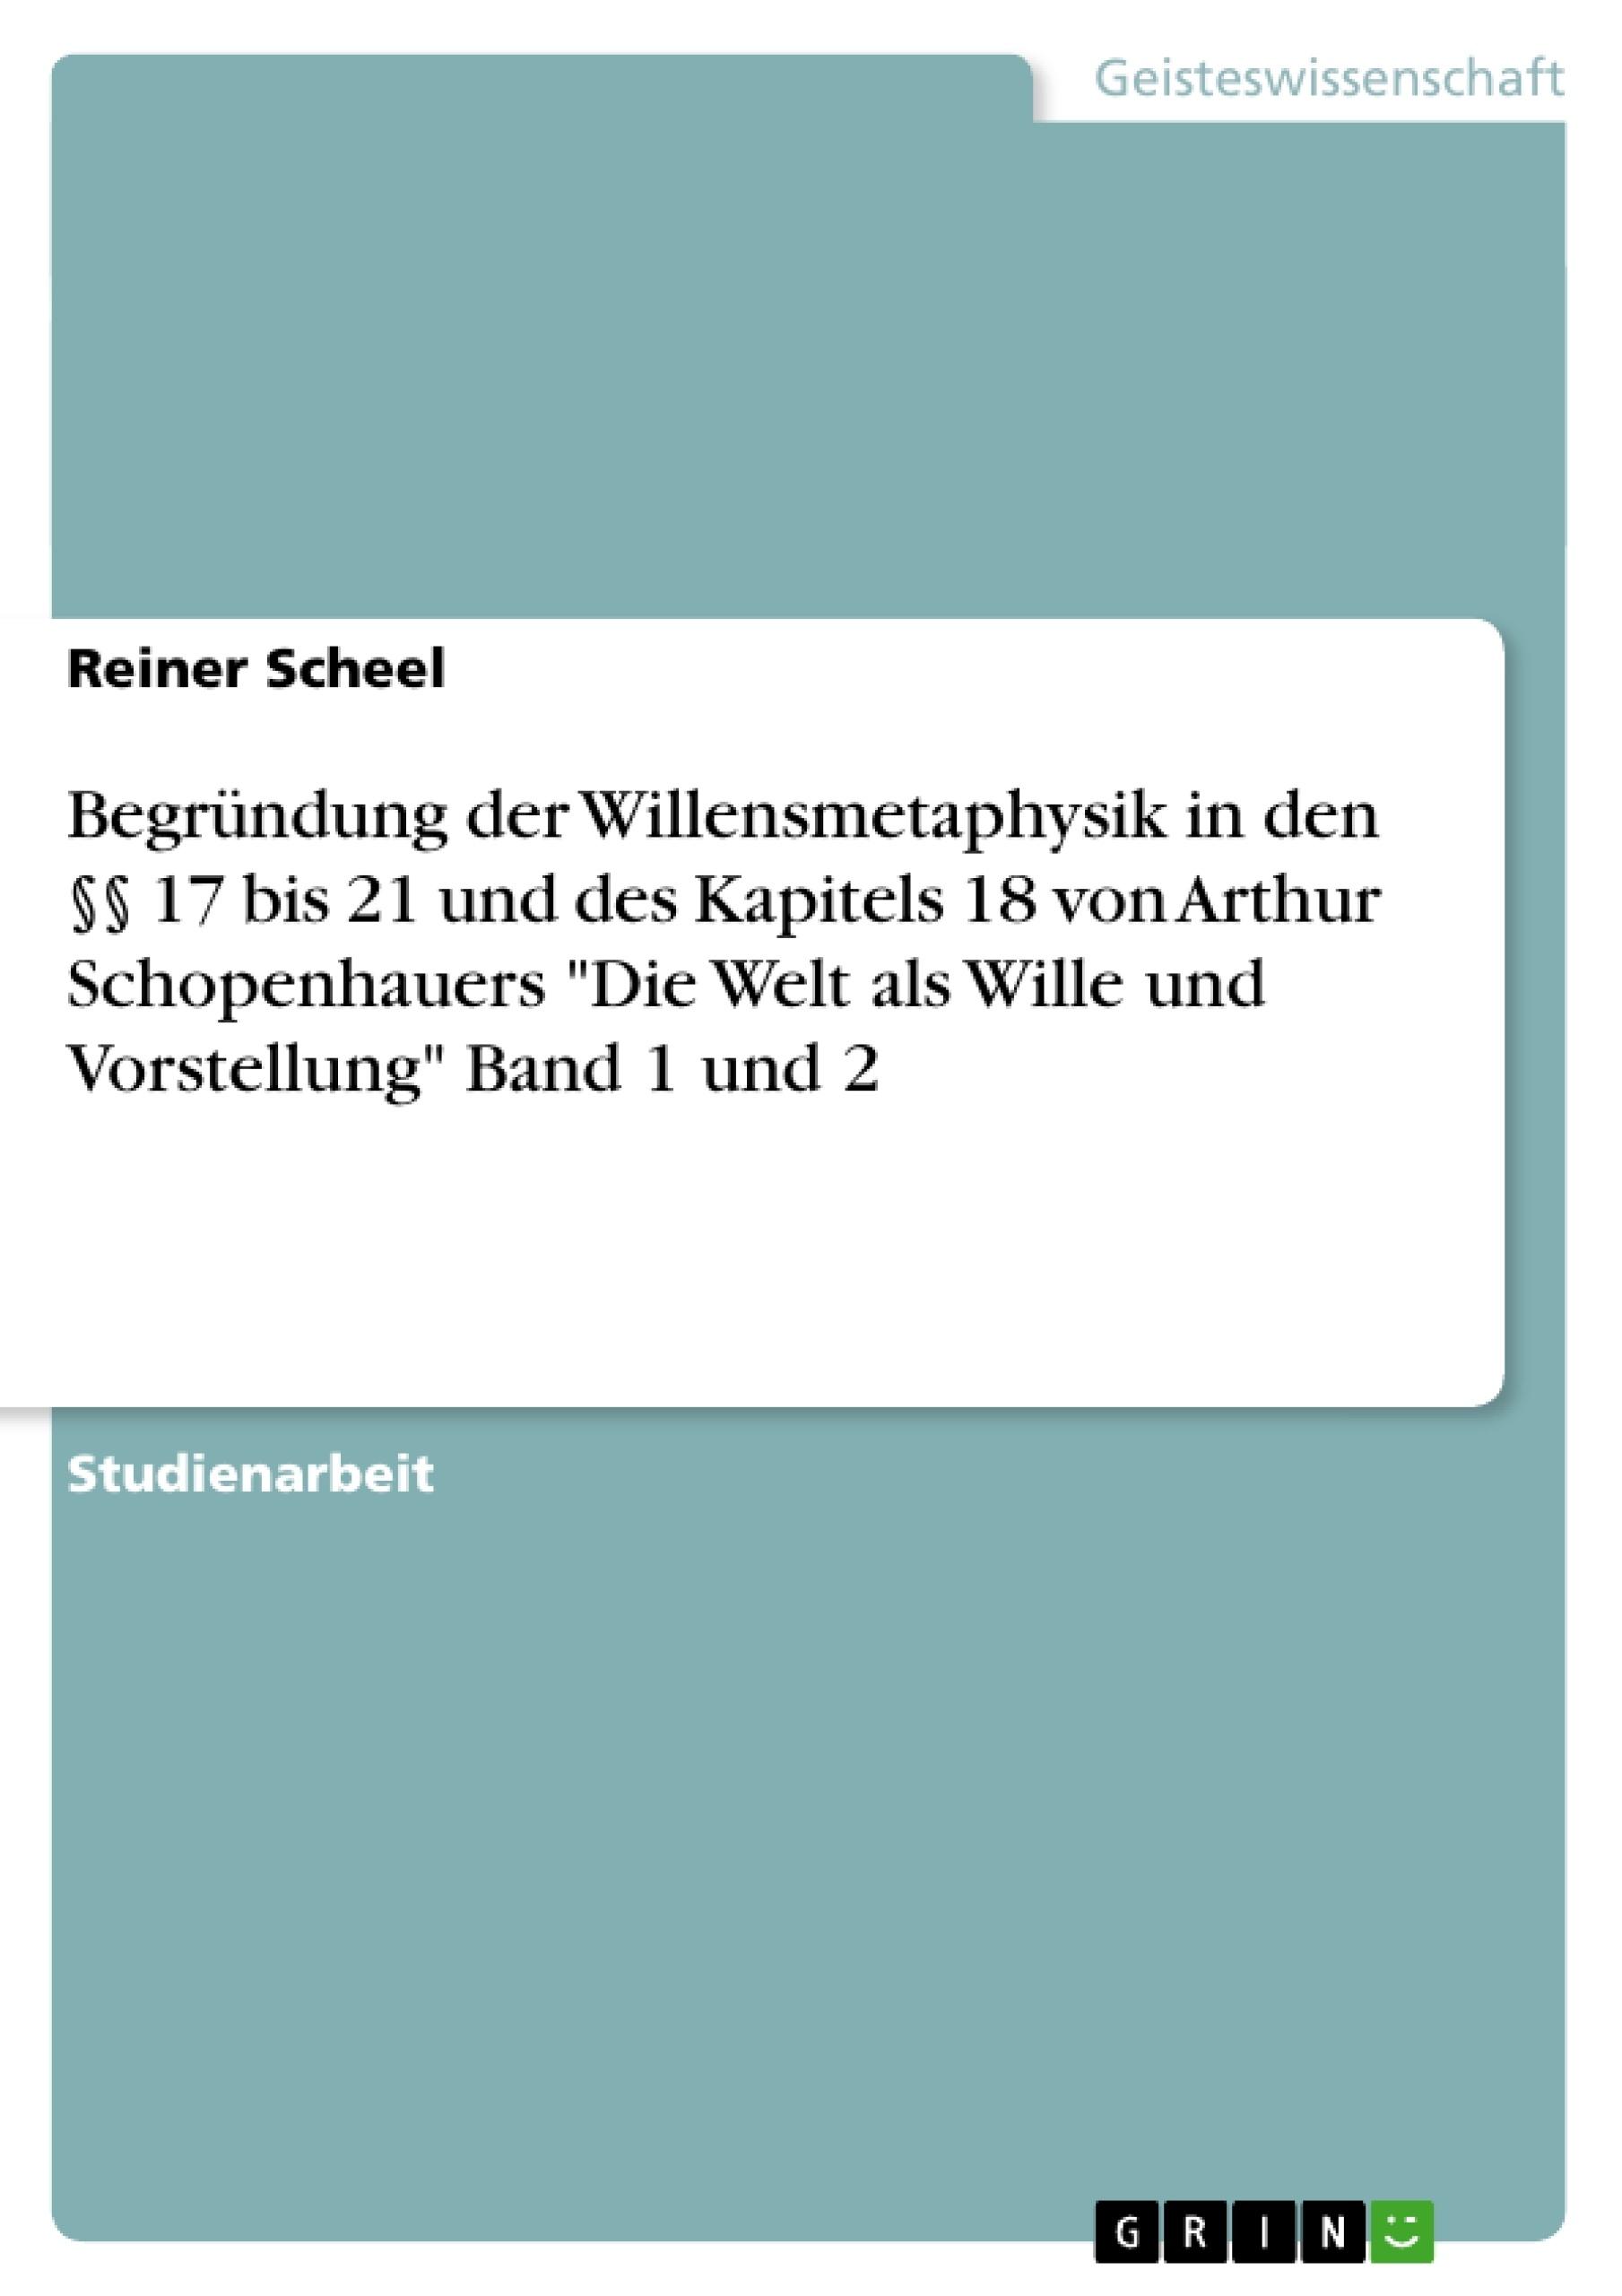 """Titel: Begründung der Willensmetaphysik in den §§ 17 bis 21 und des Kapitels 18 von Arthur Schopenhauers """"Die Welt als Wille und Vorstellung"""" Band 1 und 2"""